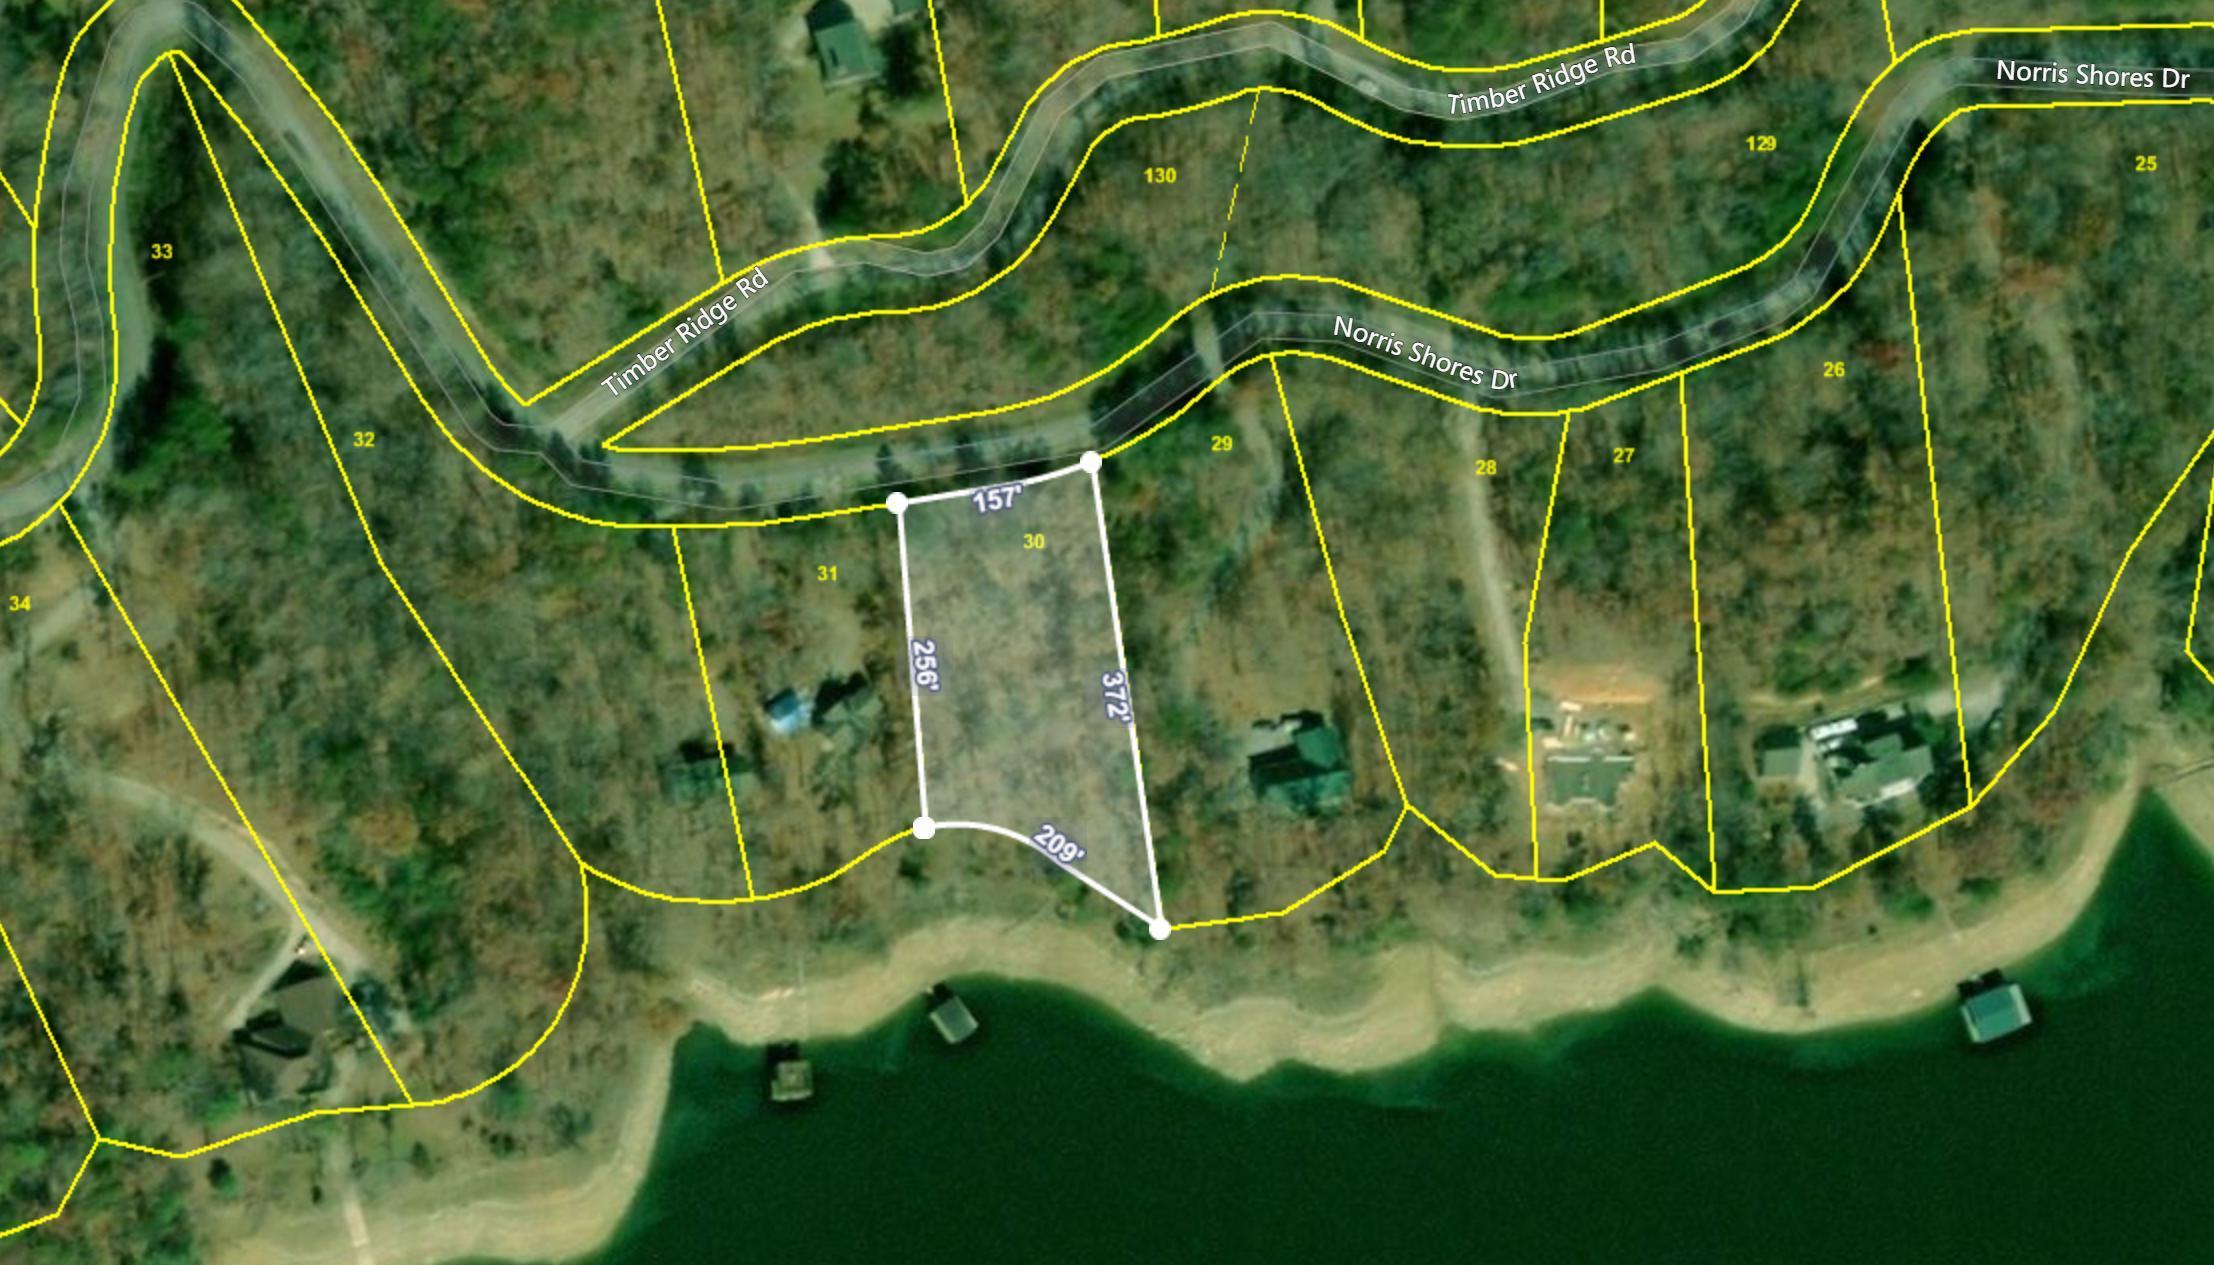 Lot 30 Norris Ss Drive, Sharps Chapel, TN.| MLS# 1087486 ... Map Of Sharps Chapel Tn on map of tennessee lakes, lakeview marina sharps chapel tn, map of chapel hill tennessee,